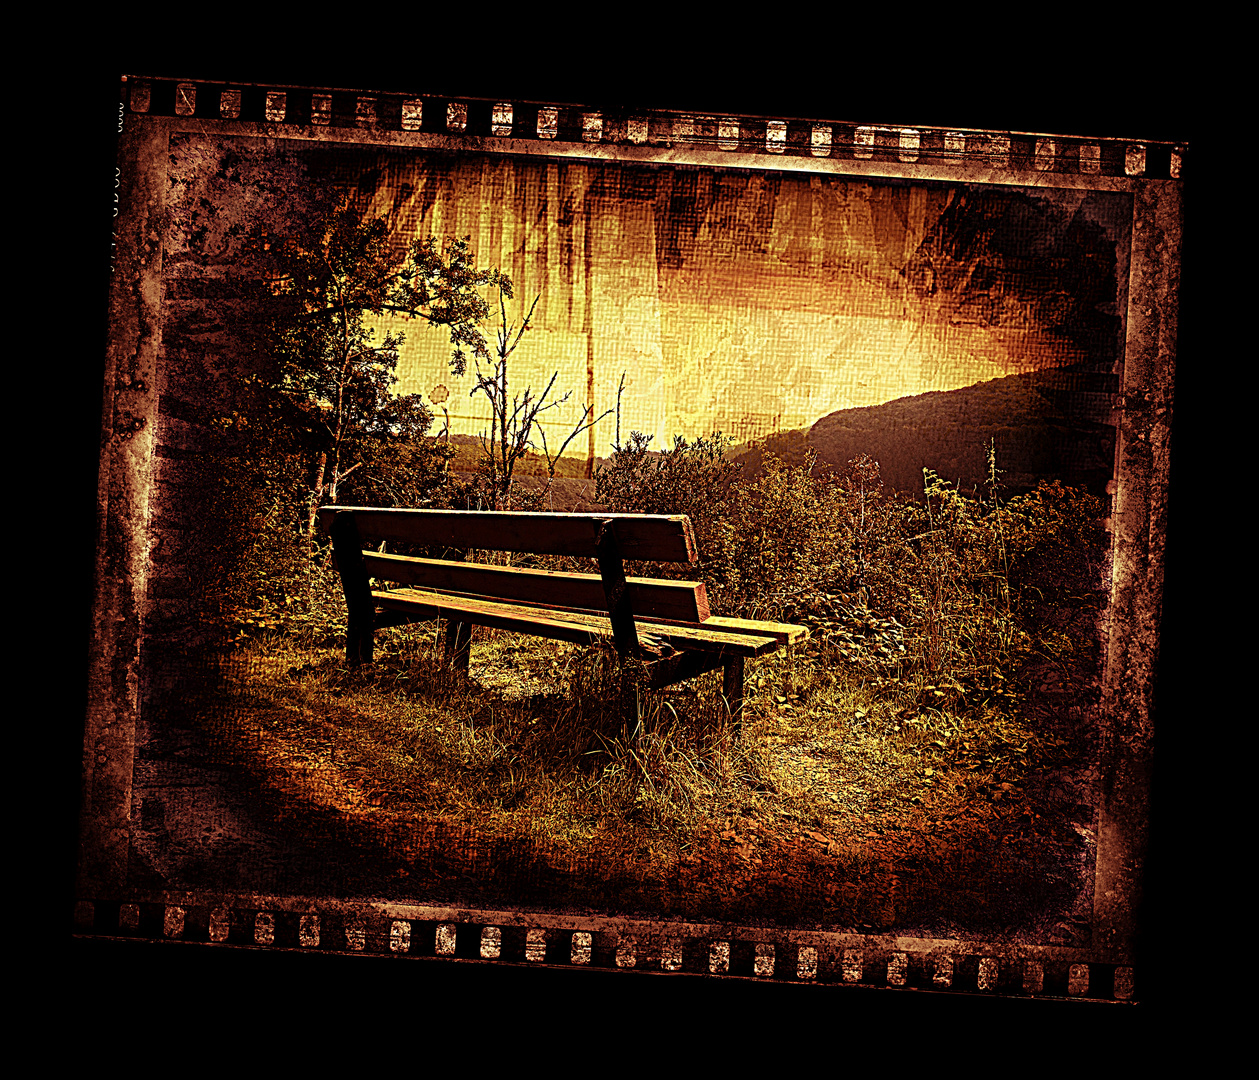 Ein Bänkchen im Wald